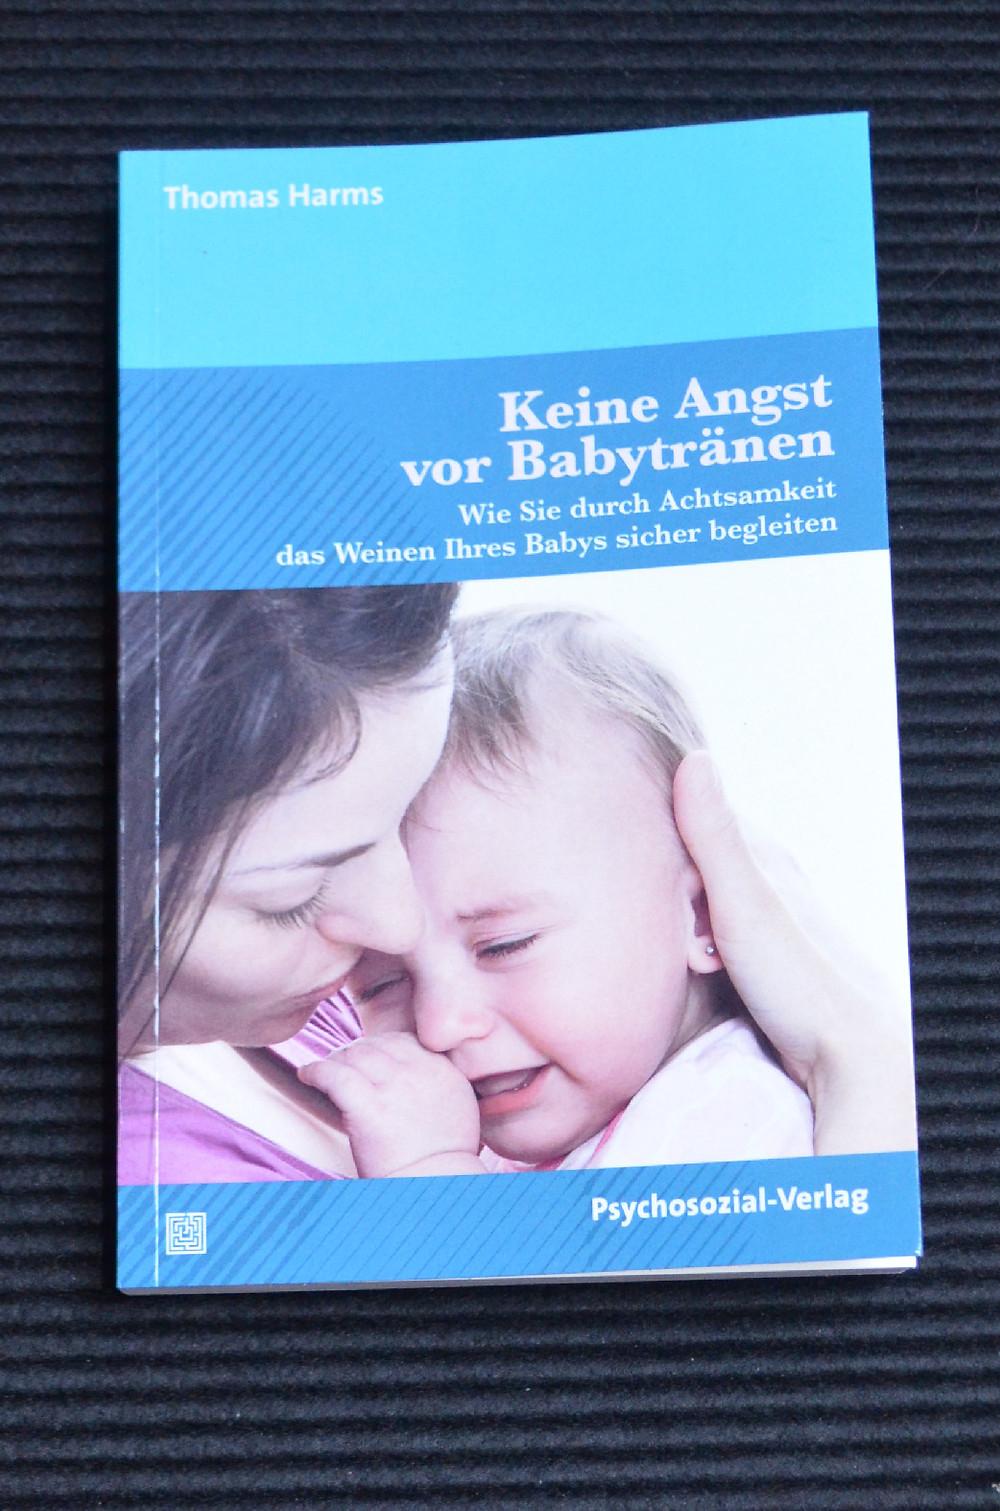 Buchtitel: Keine Angst vor Babytränen